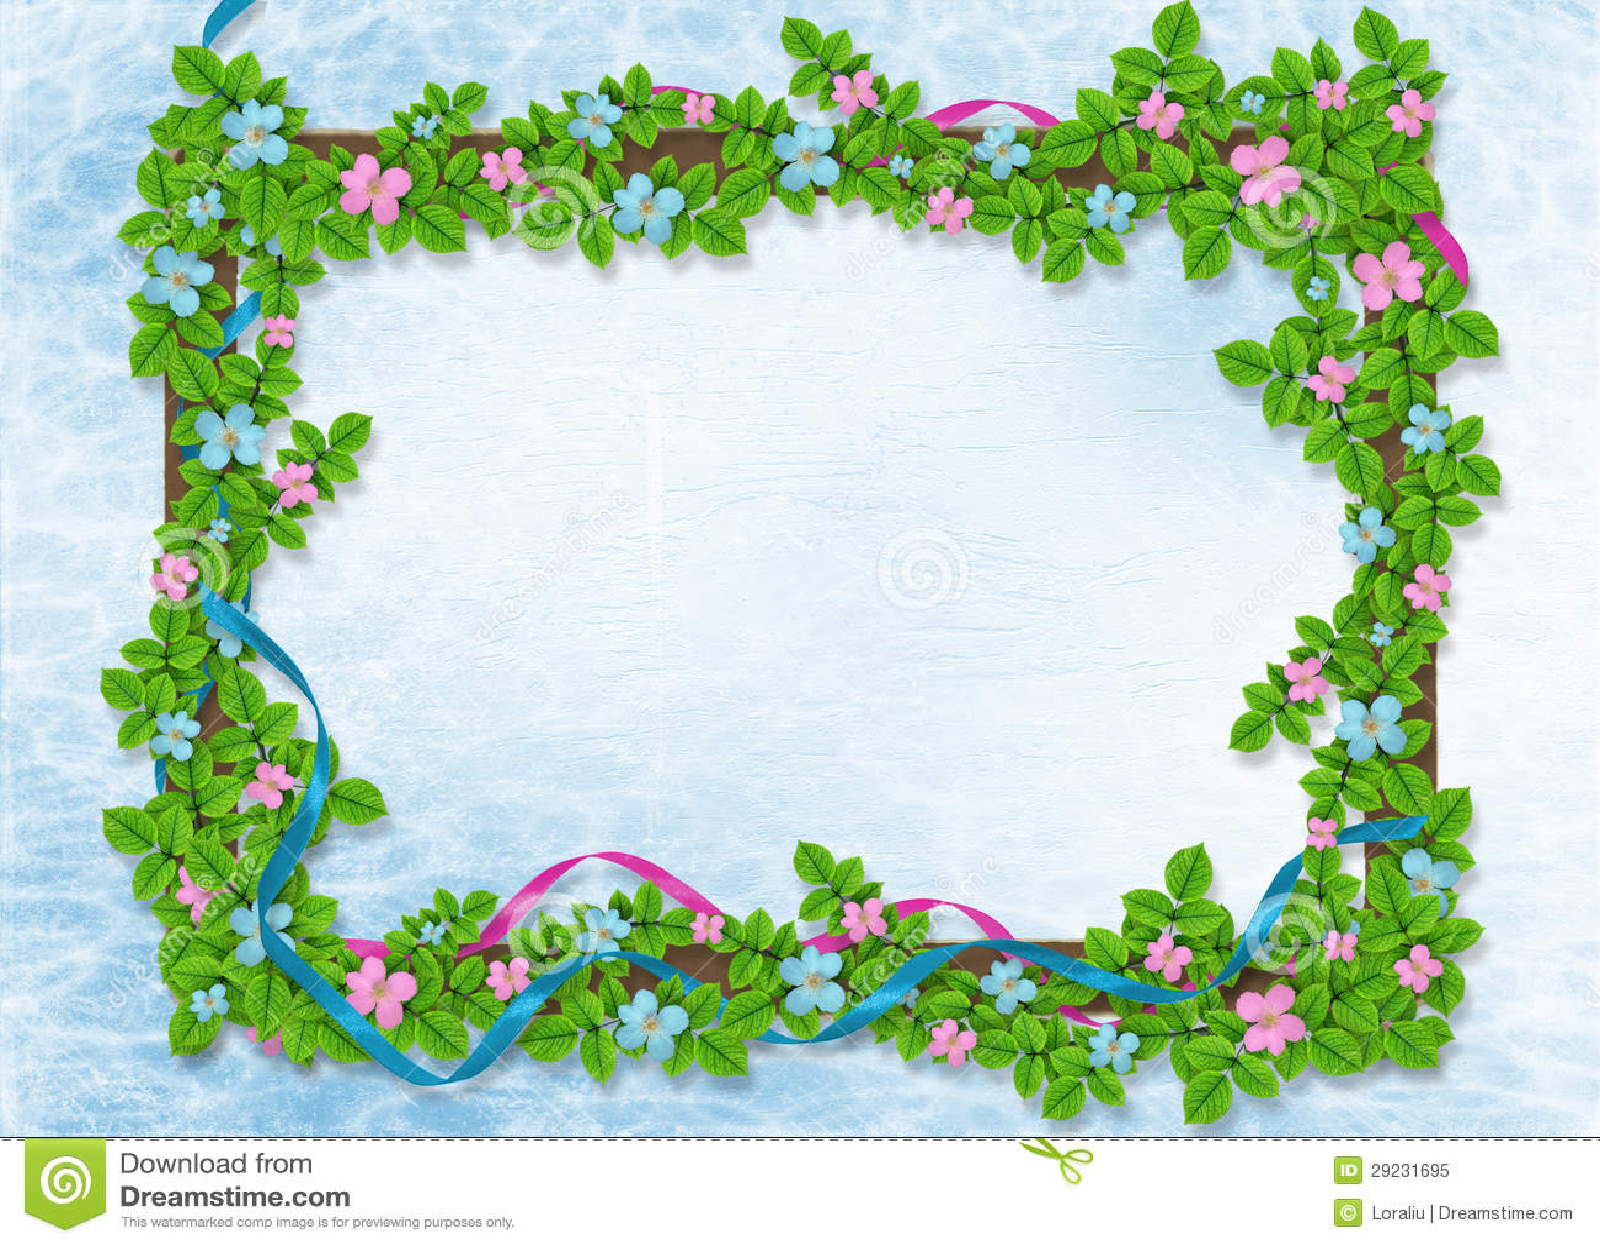 Download Fundo Abstrato Com Festão Floral Ilustração Stock - Ilustração de anúncio, verde: 29231695